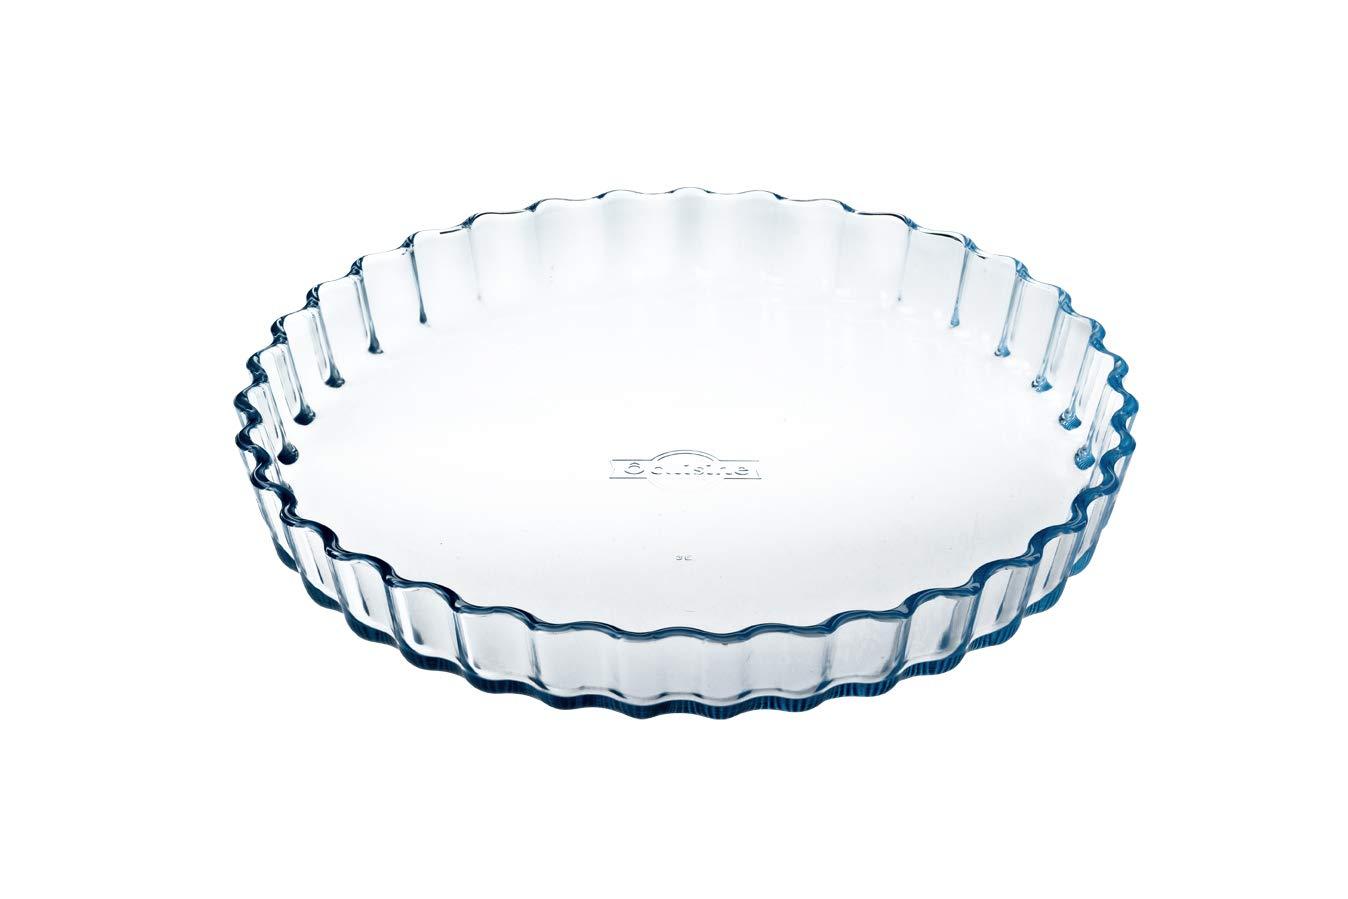 ARCUISINE Molde Tarta Rizado 27Cm Ocuisine, TransPe, 2.16 cm product image